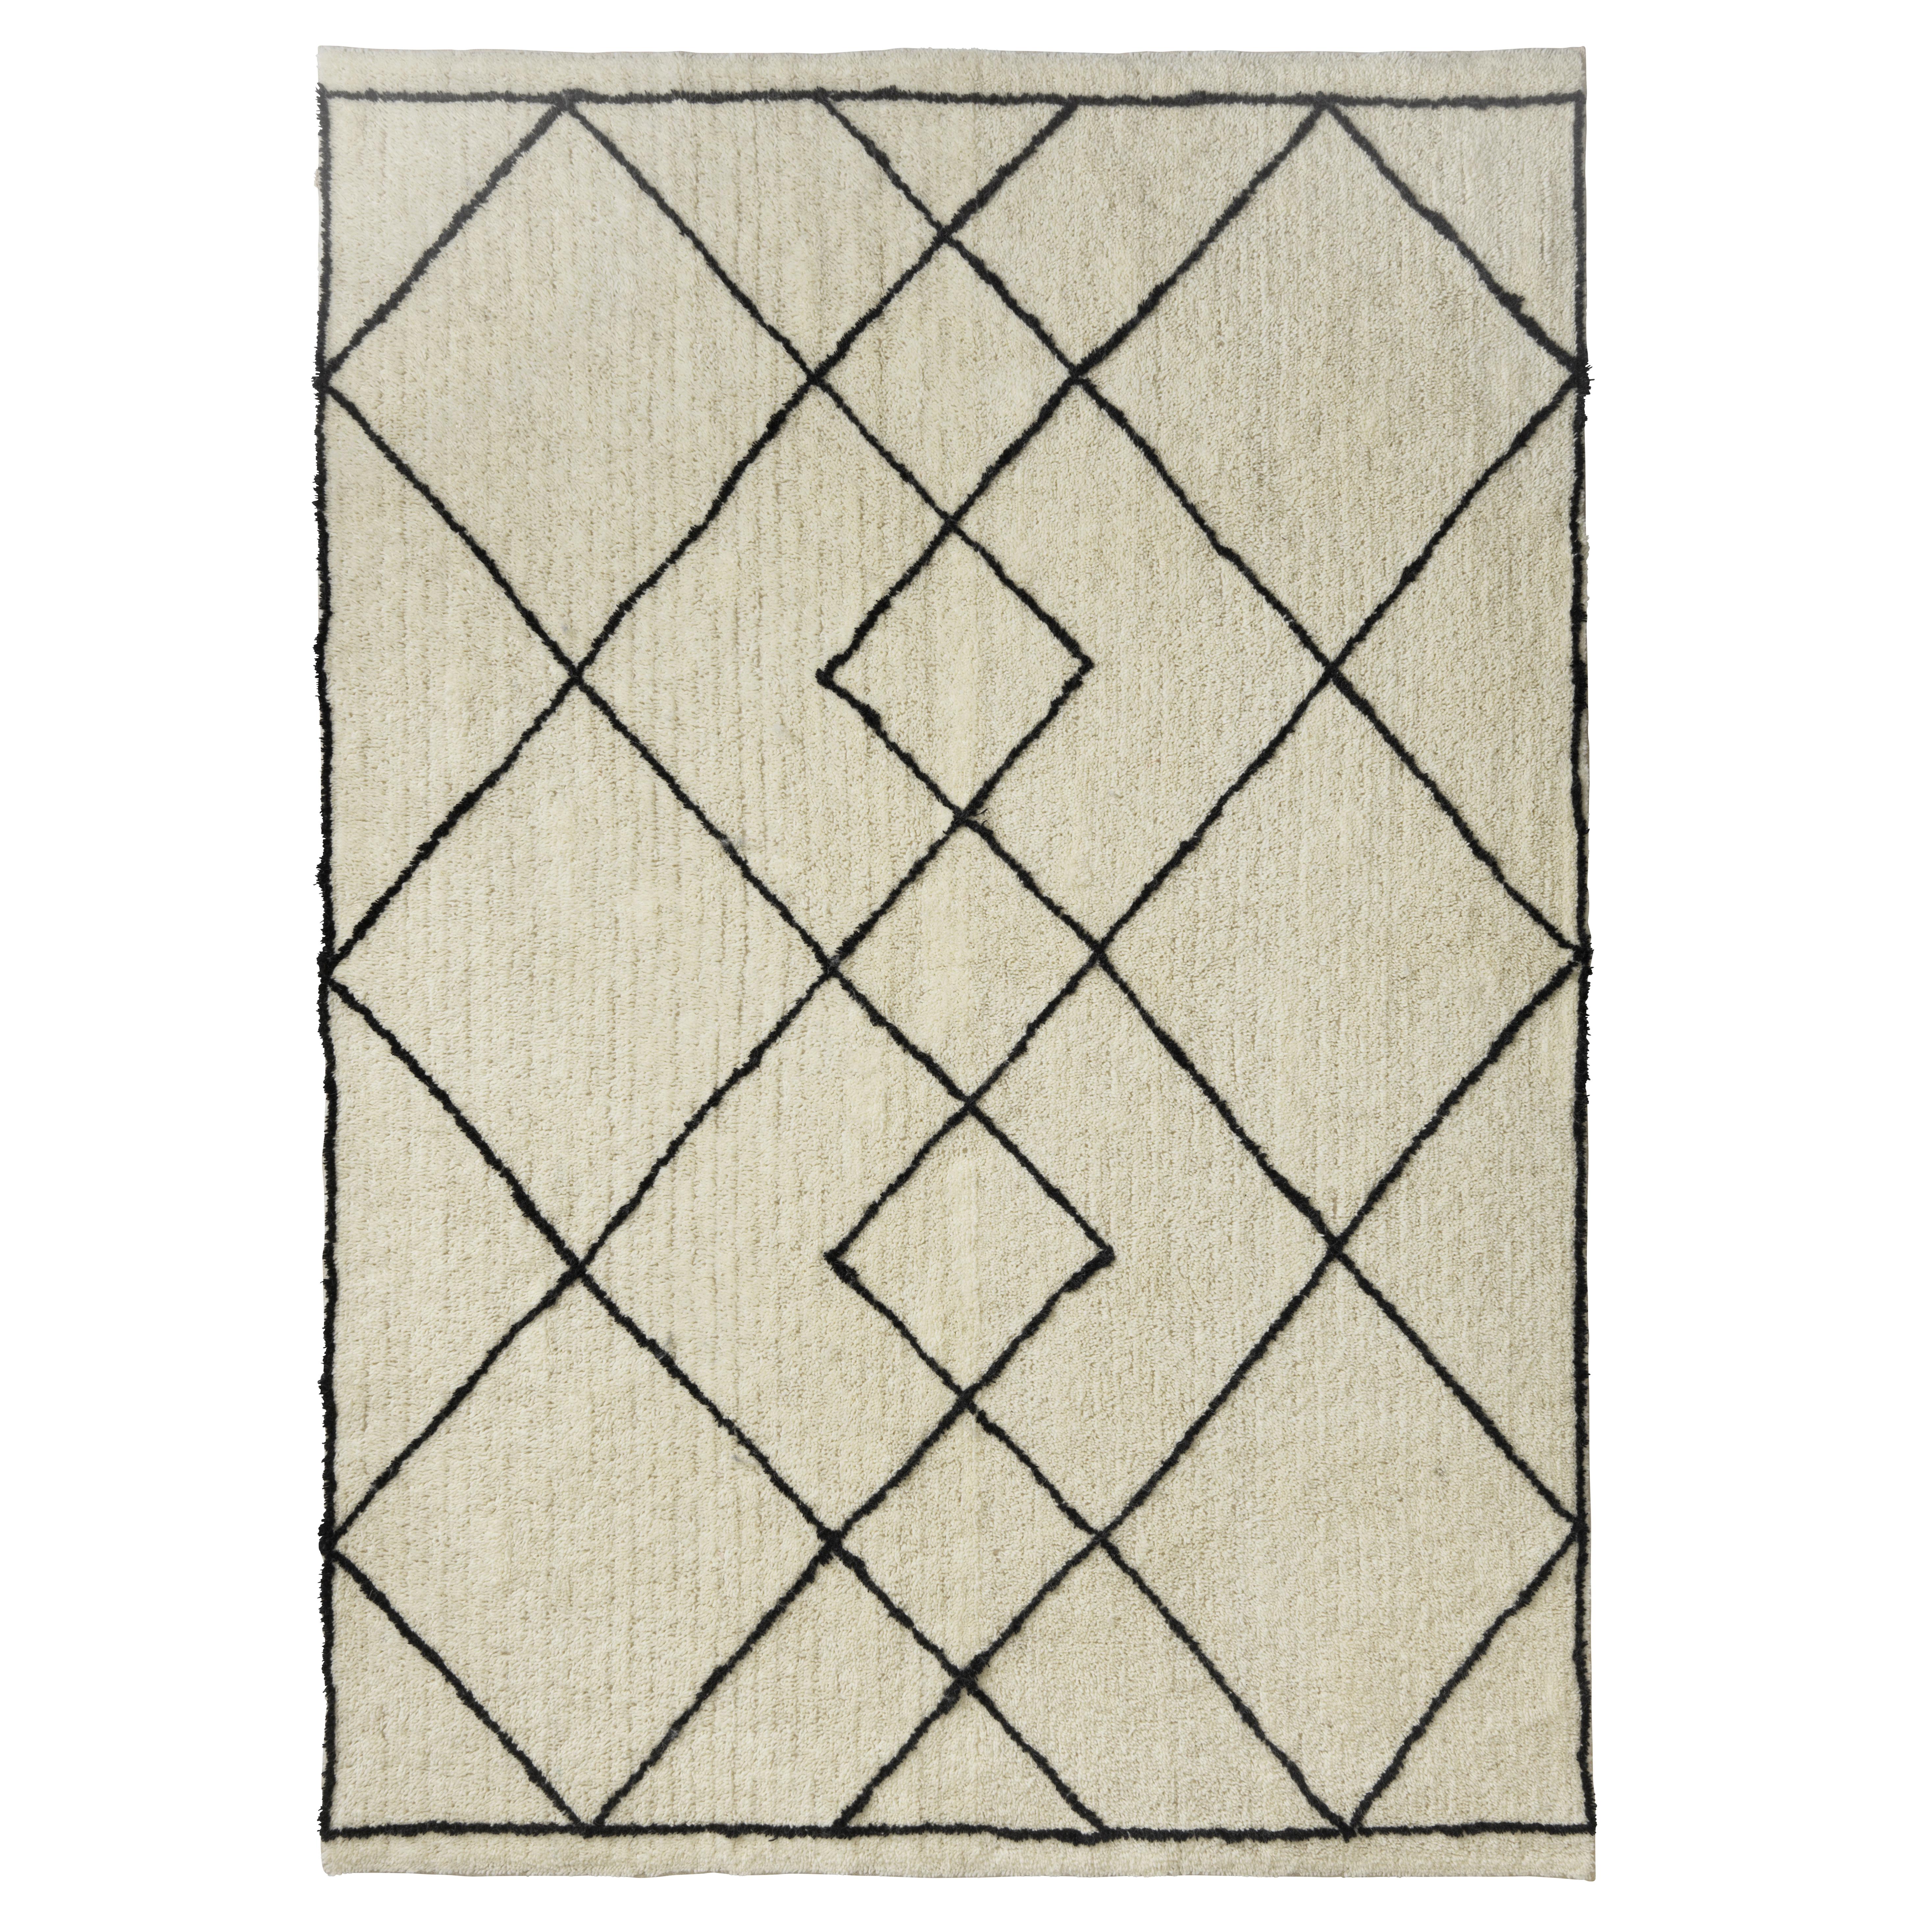 Image of   Living&more gulvtæppe med grafisk mønster - Nashik - Sort/natur